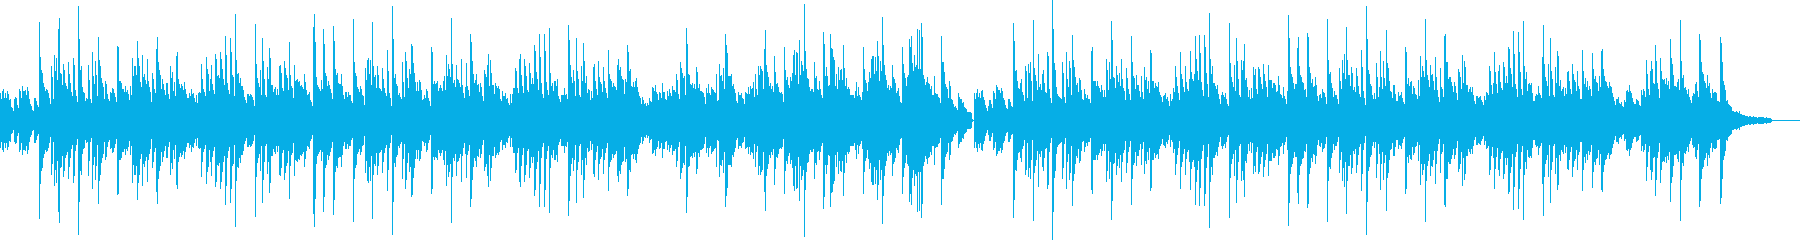 ゆったりとしたソロピアノのバラードの再生済みの波形